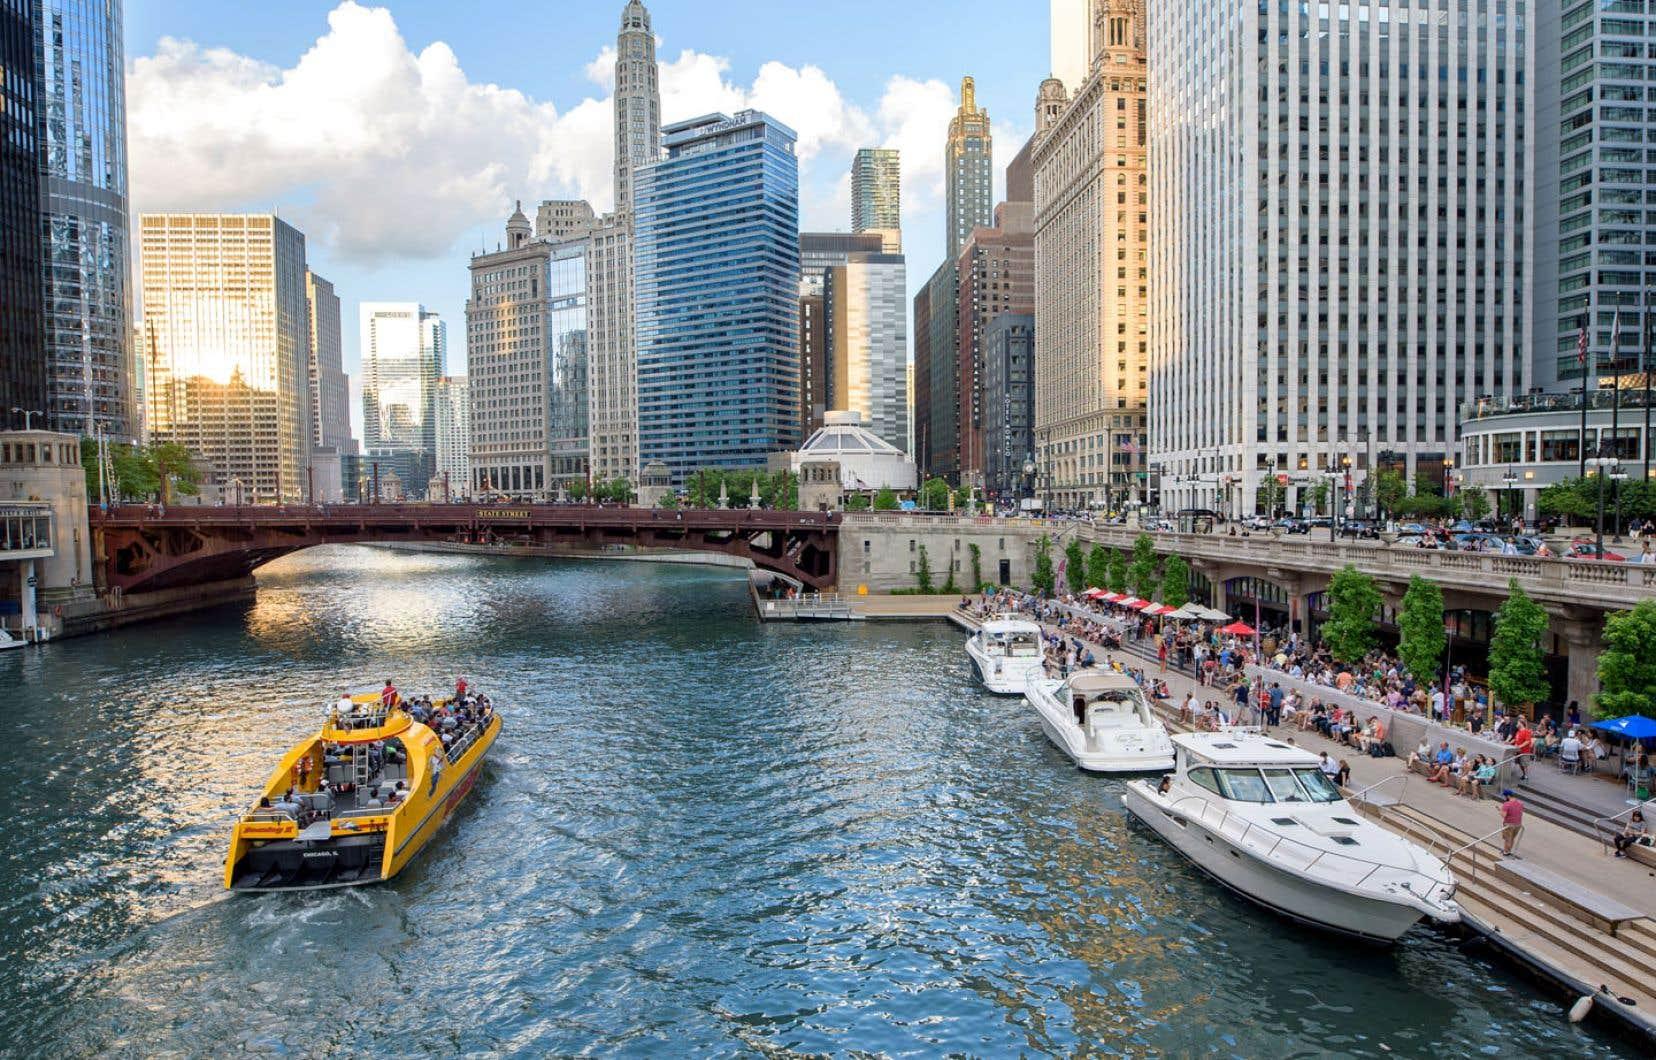 Visites guidées offertes par des bénévoles travaillant pour le Chicago Greeter Riverwalk Tour